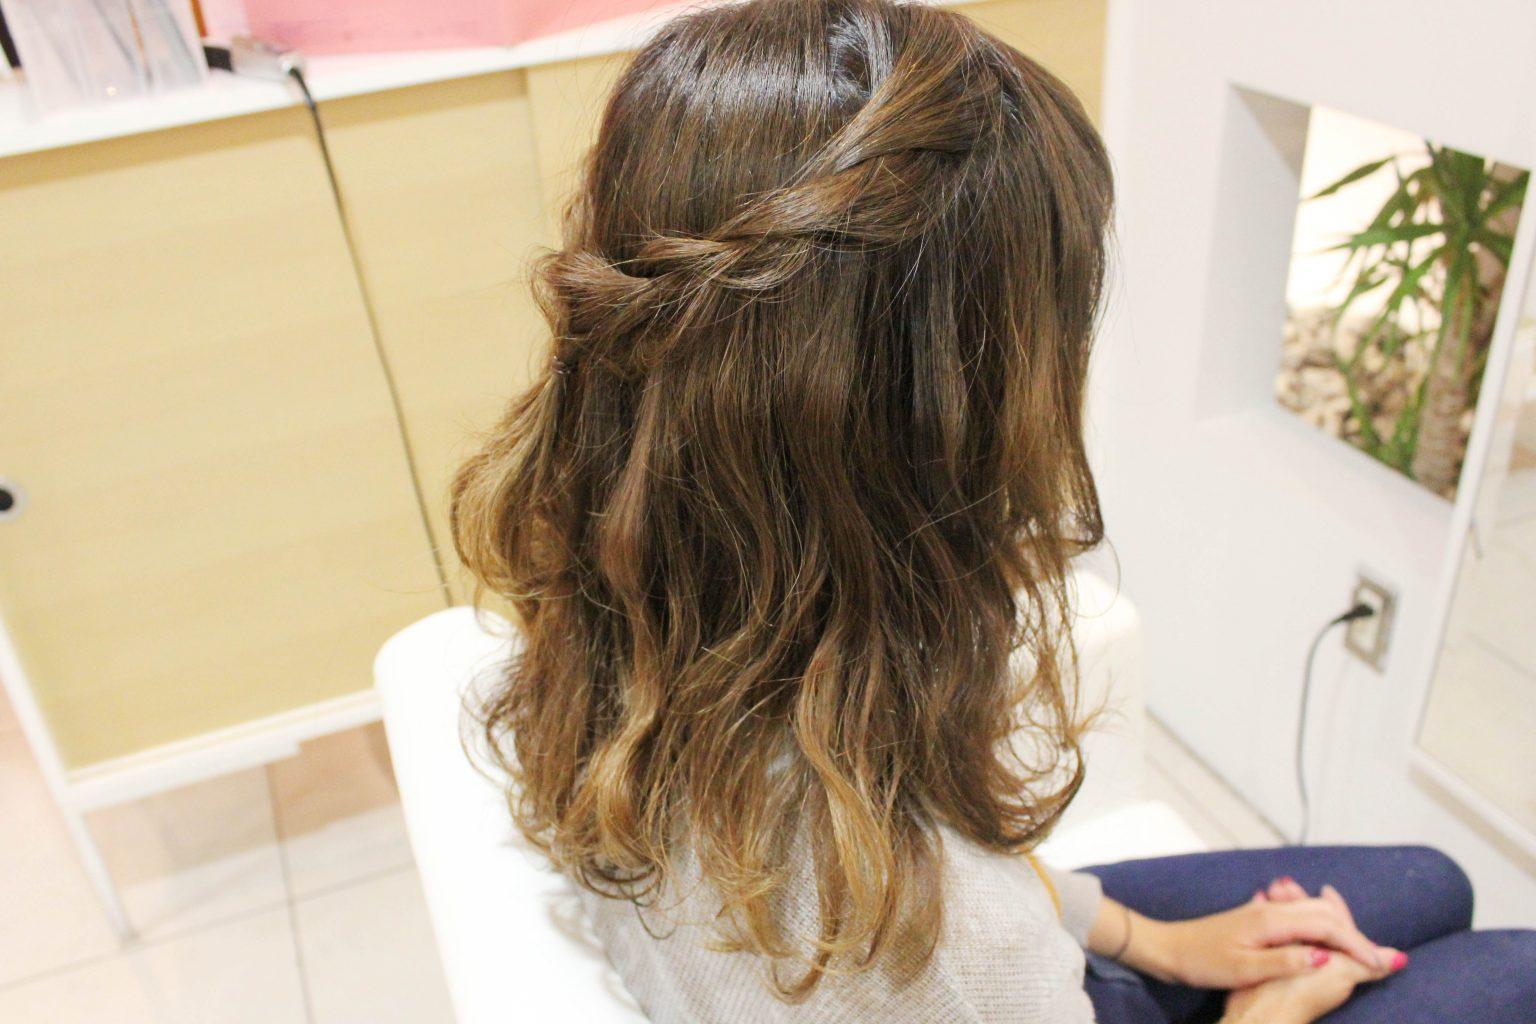 編んだ毛束がヘアアクセサリーみたいでかわいいアレンジ♪